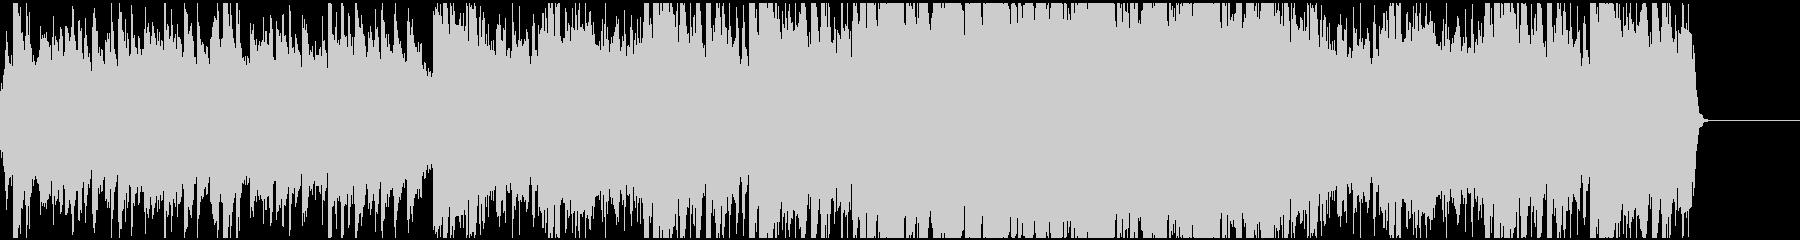 果敢な和風BGMの未再生の波形